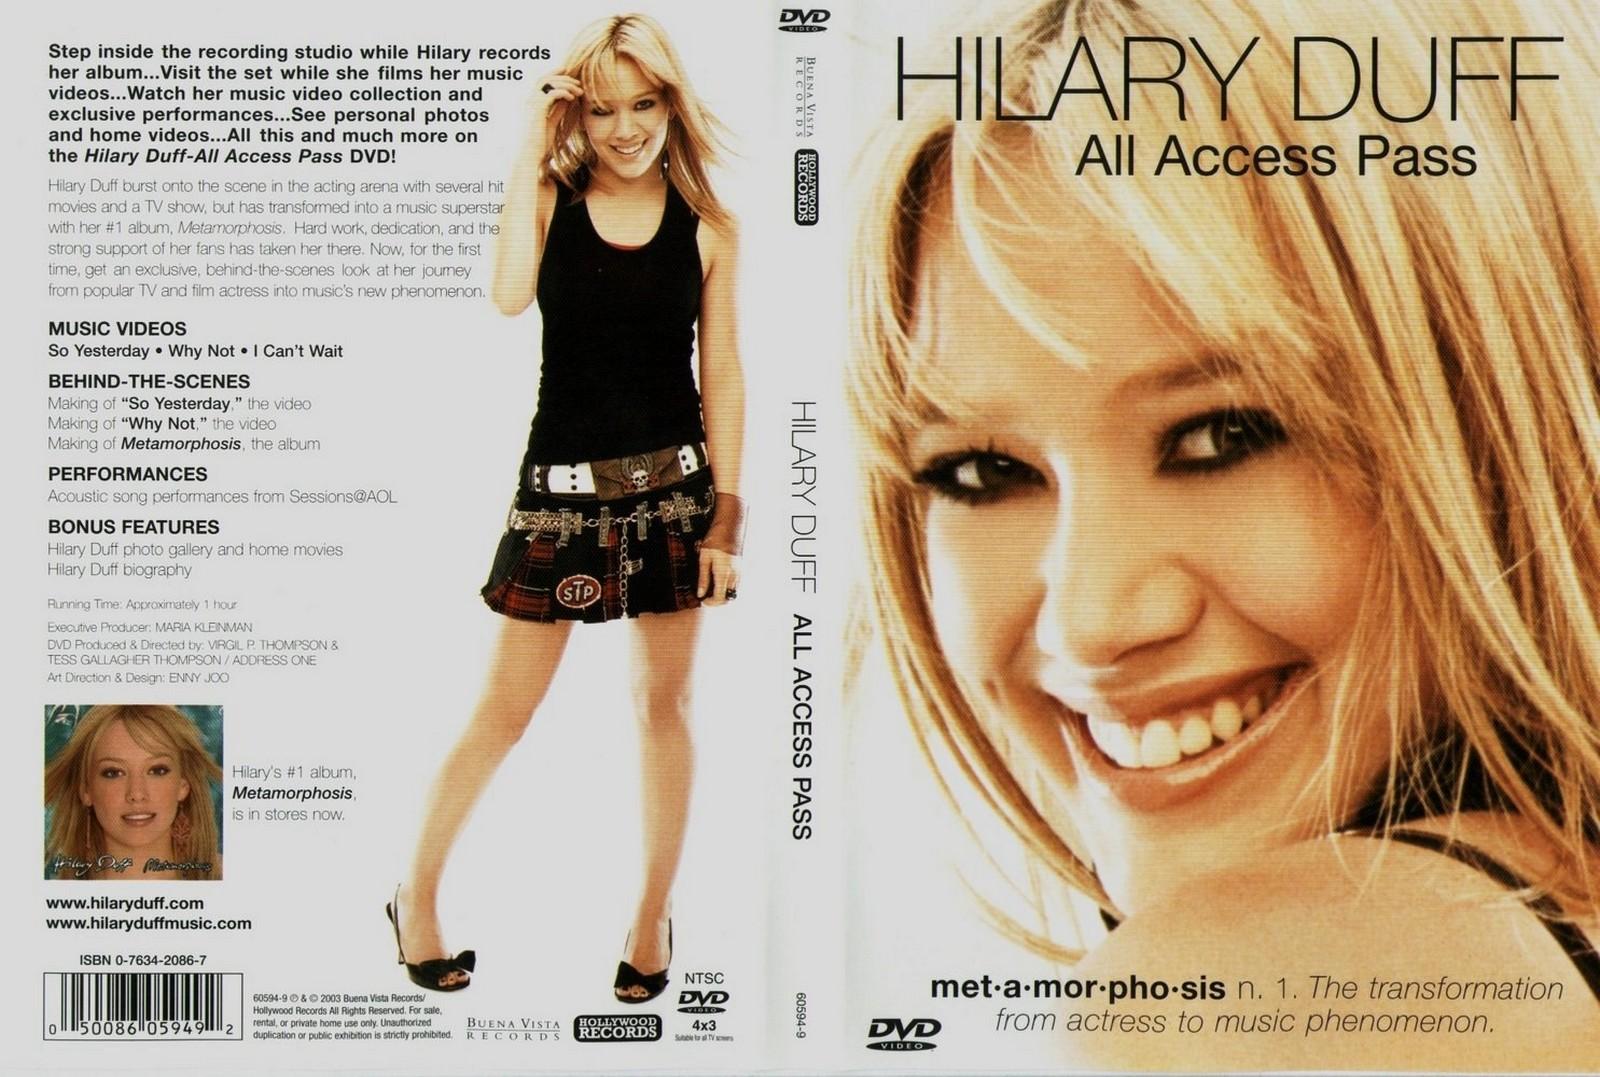 http://4.bp.blogspot.com/-qUvb3rc-ZPw/TeY_cTt-UGI/AAAAAAAABLo/d6wY-ye4-cY/s1600/Hilary-Duff-All-Access-Pass.jpg